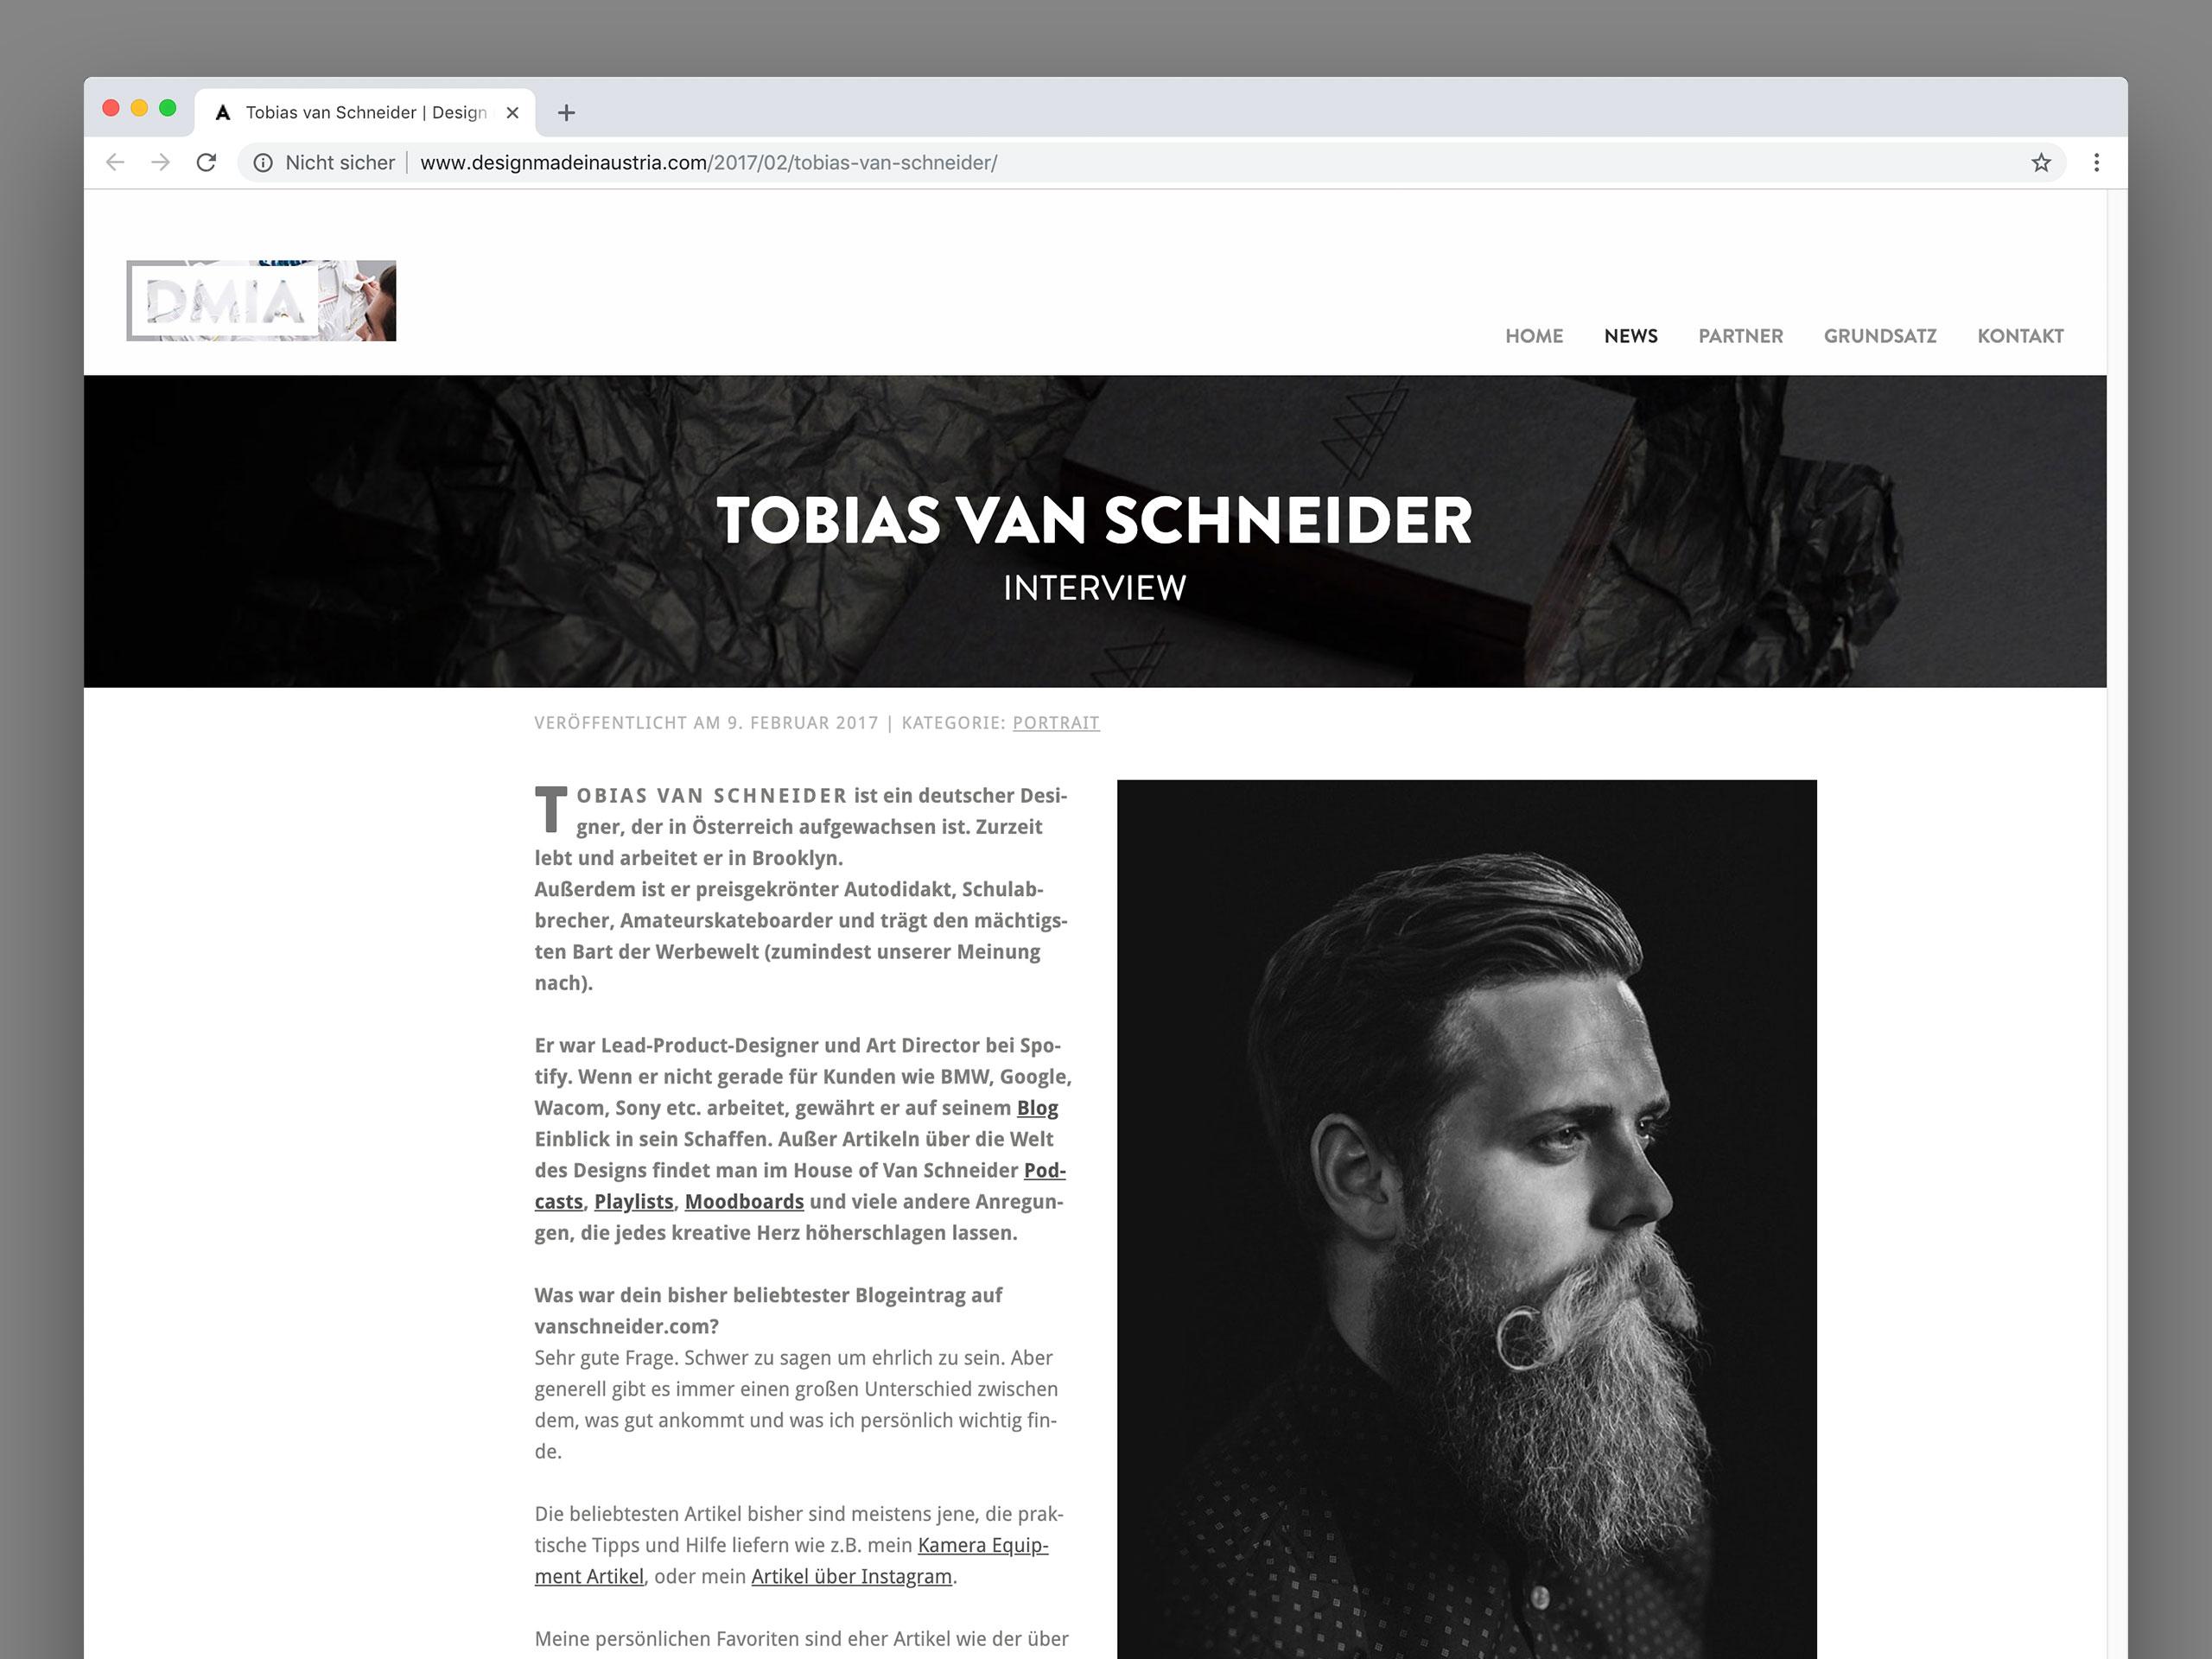 Tobias van Schneider Interview